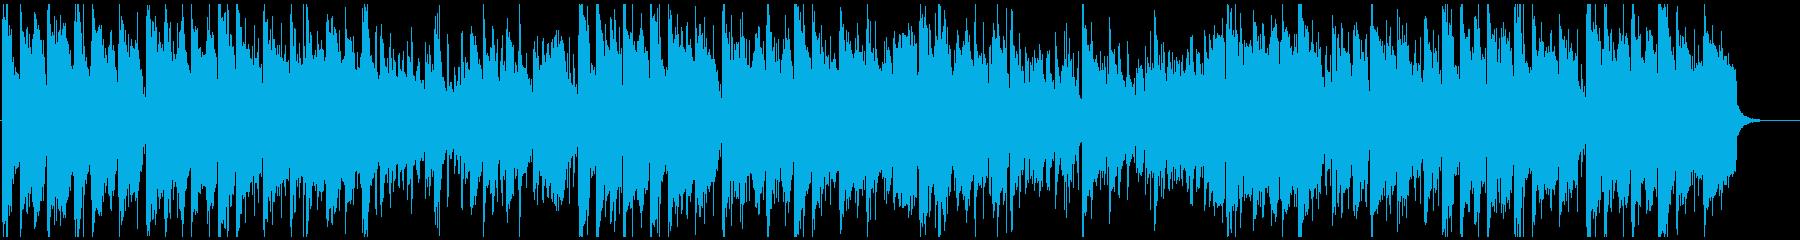 フレッシュなドラムンベース×生音系ジャズの再生済みの波形